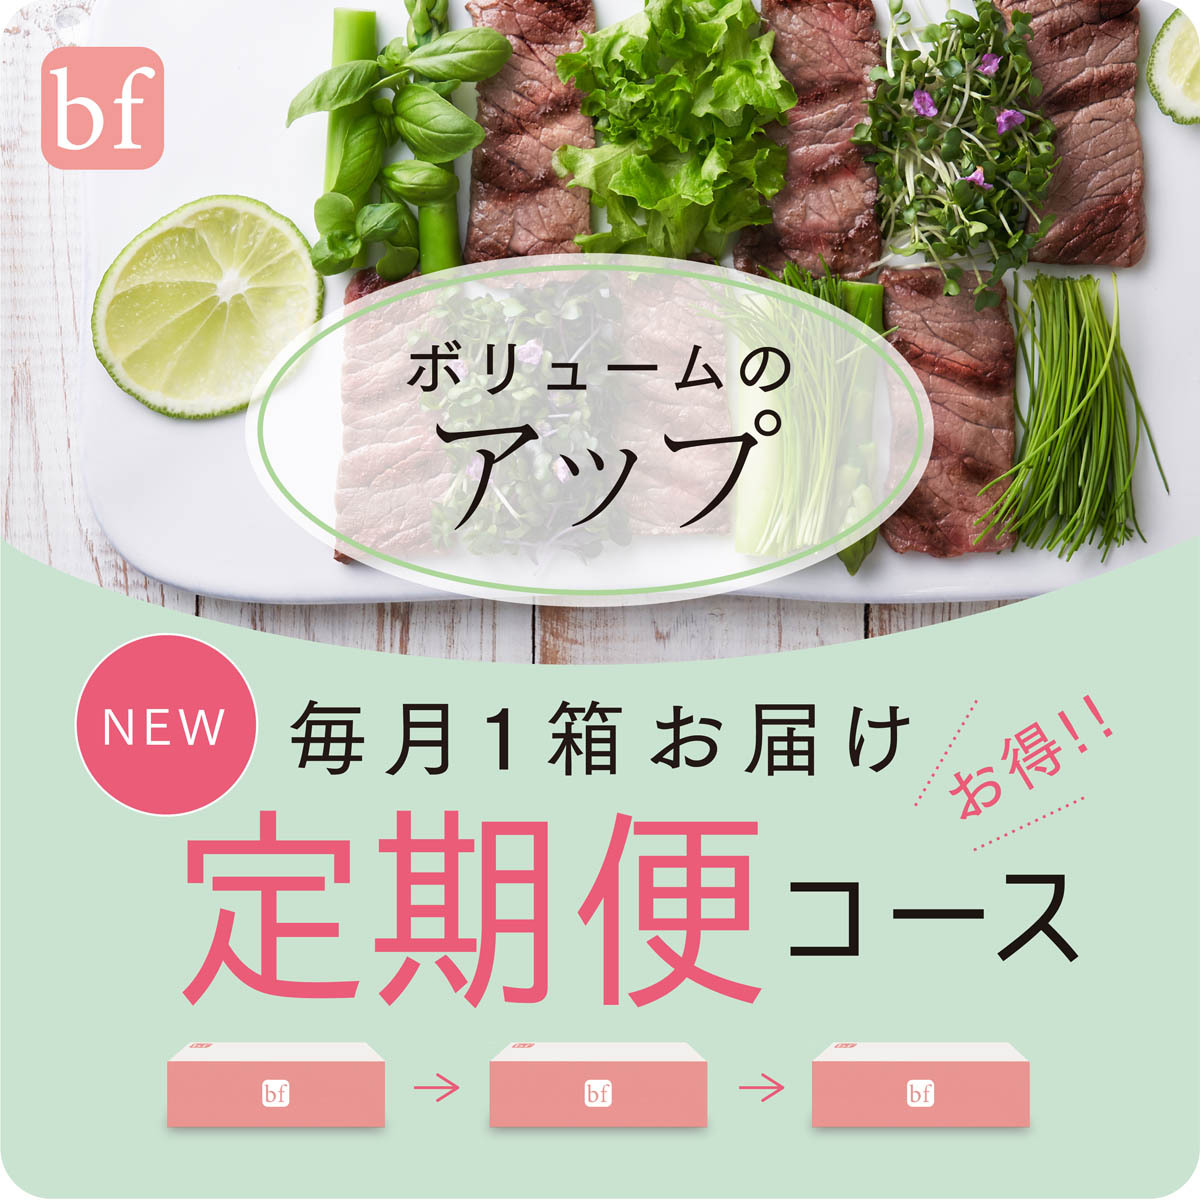 bf アップ【定期便】